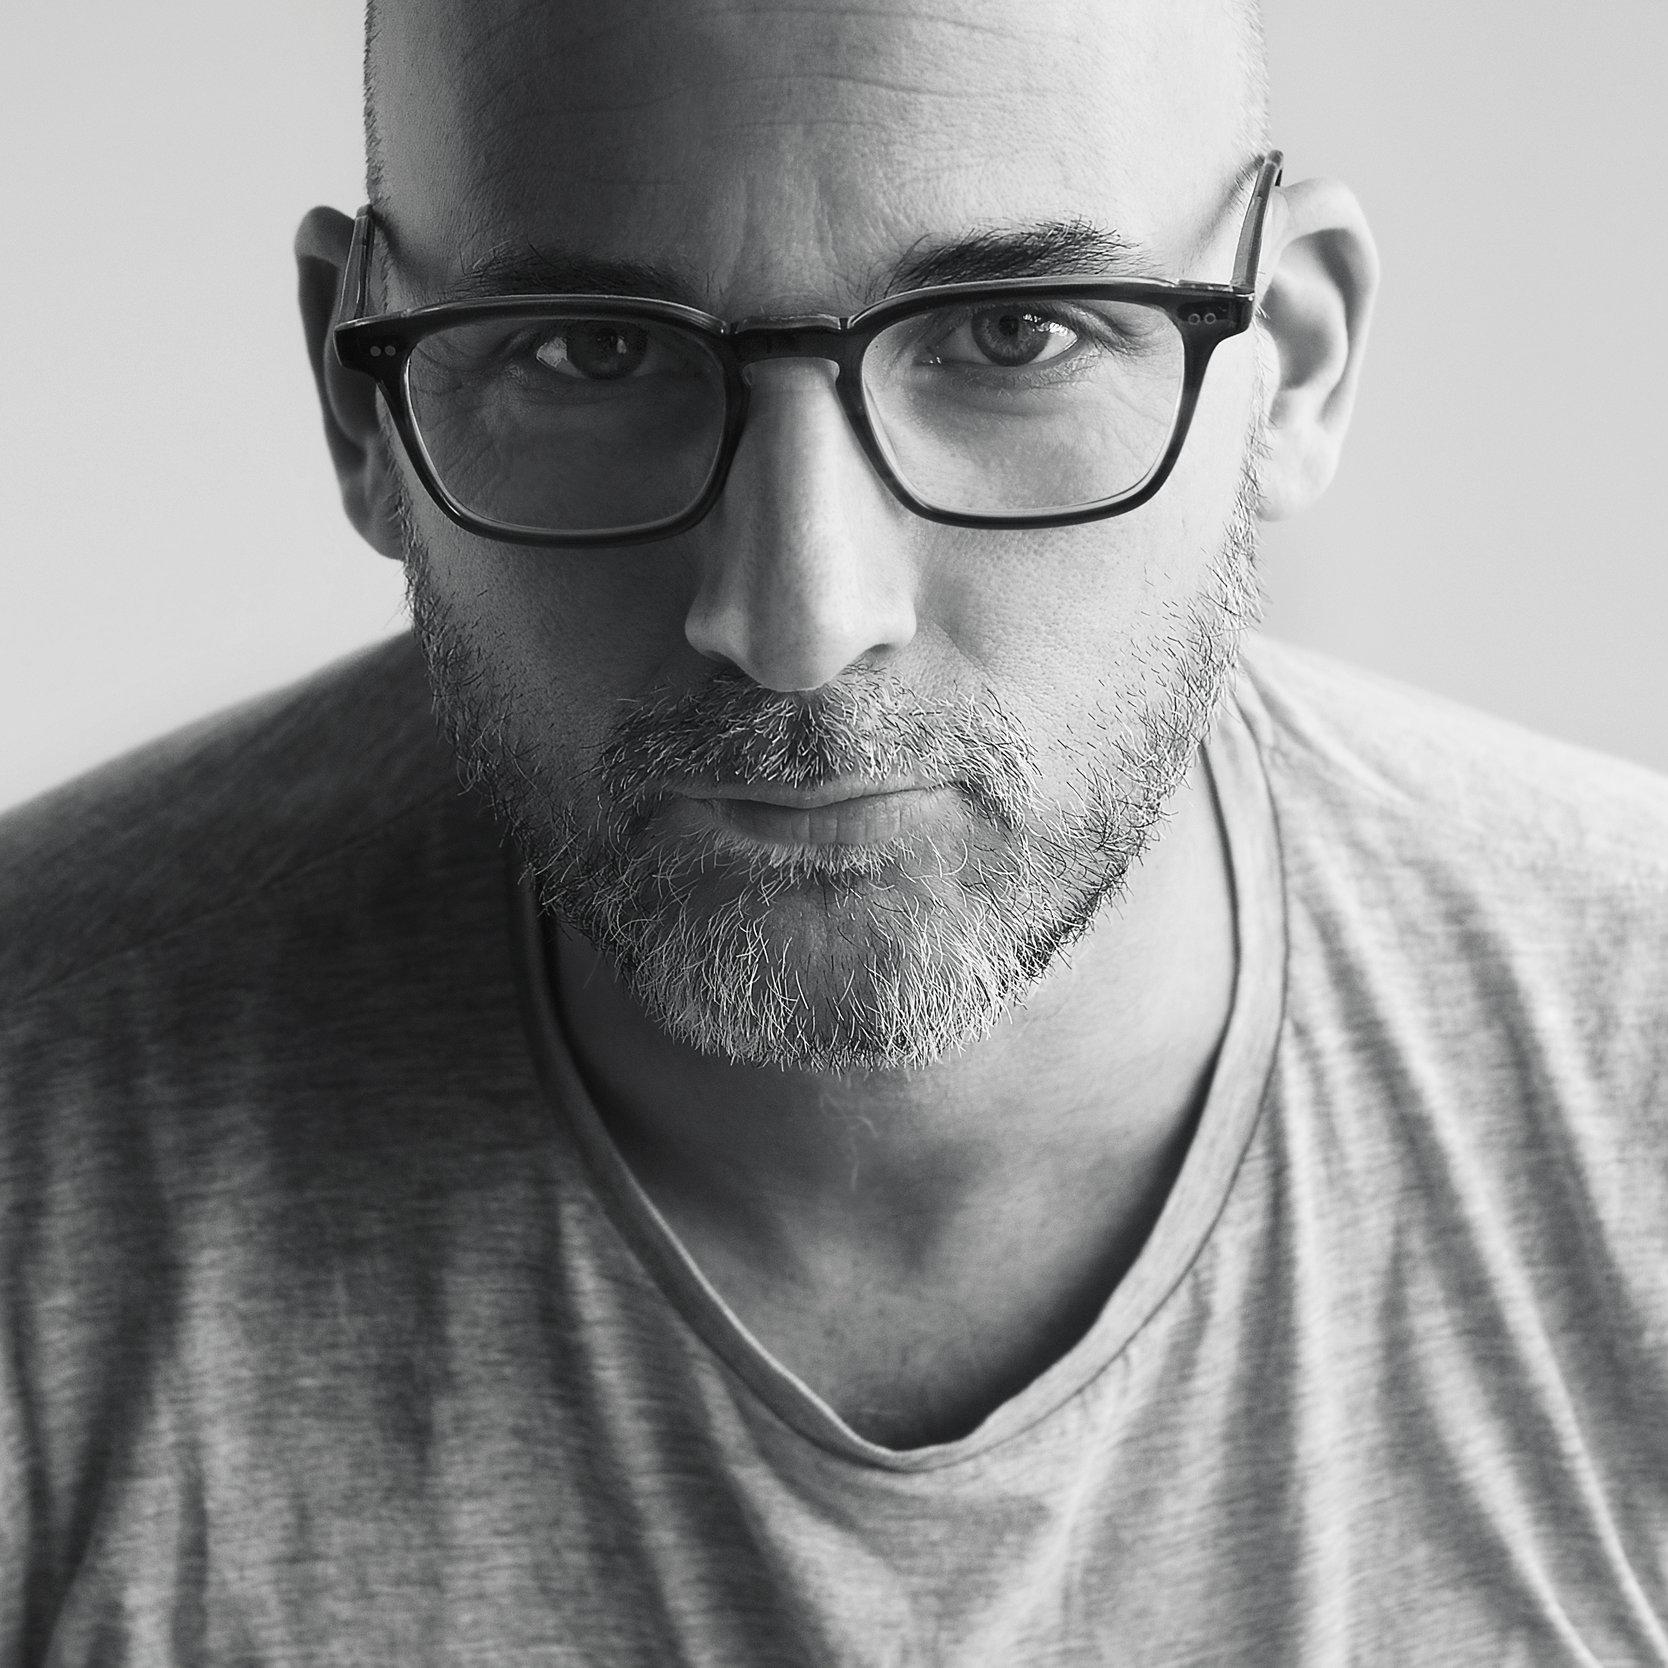 Christian Burne - Partner, Director